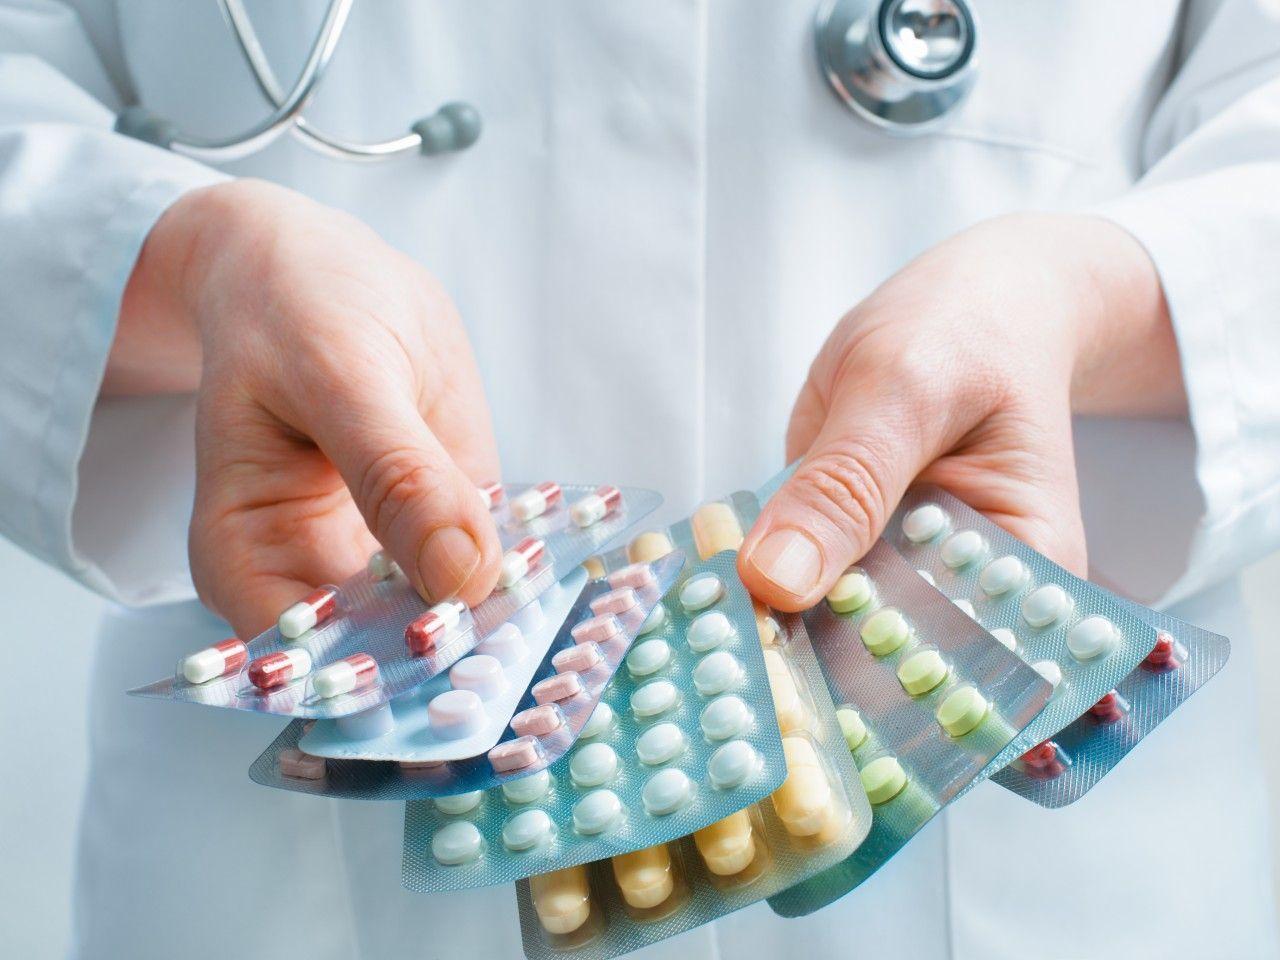 medikamentoznoe-lechenie-pri-kontrakture-vklyuchae